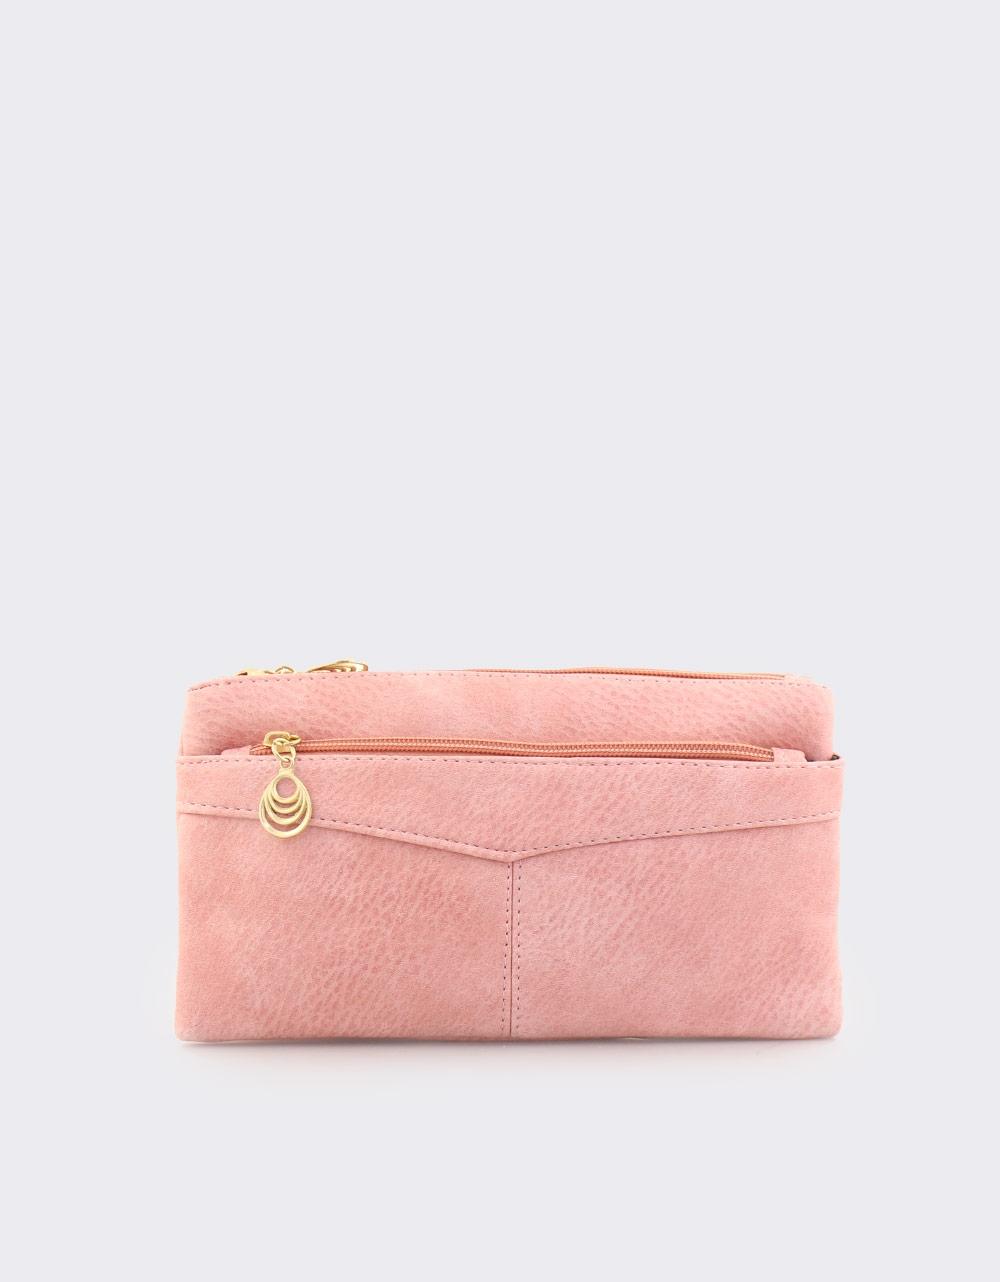 Εικόνα από Γυναικεία πορτοφόλια με διακοσμητικό στο φερμουάρ Ροζ